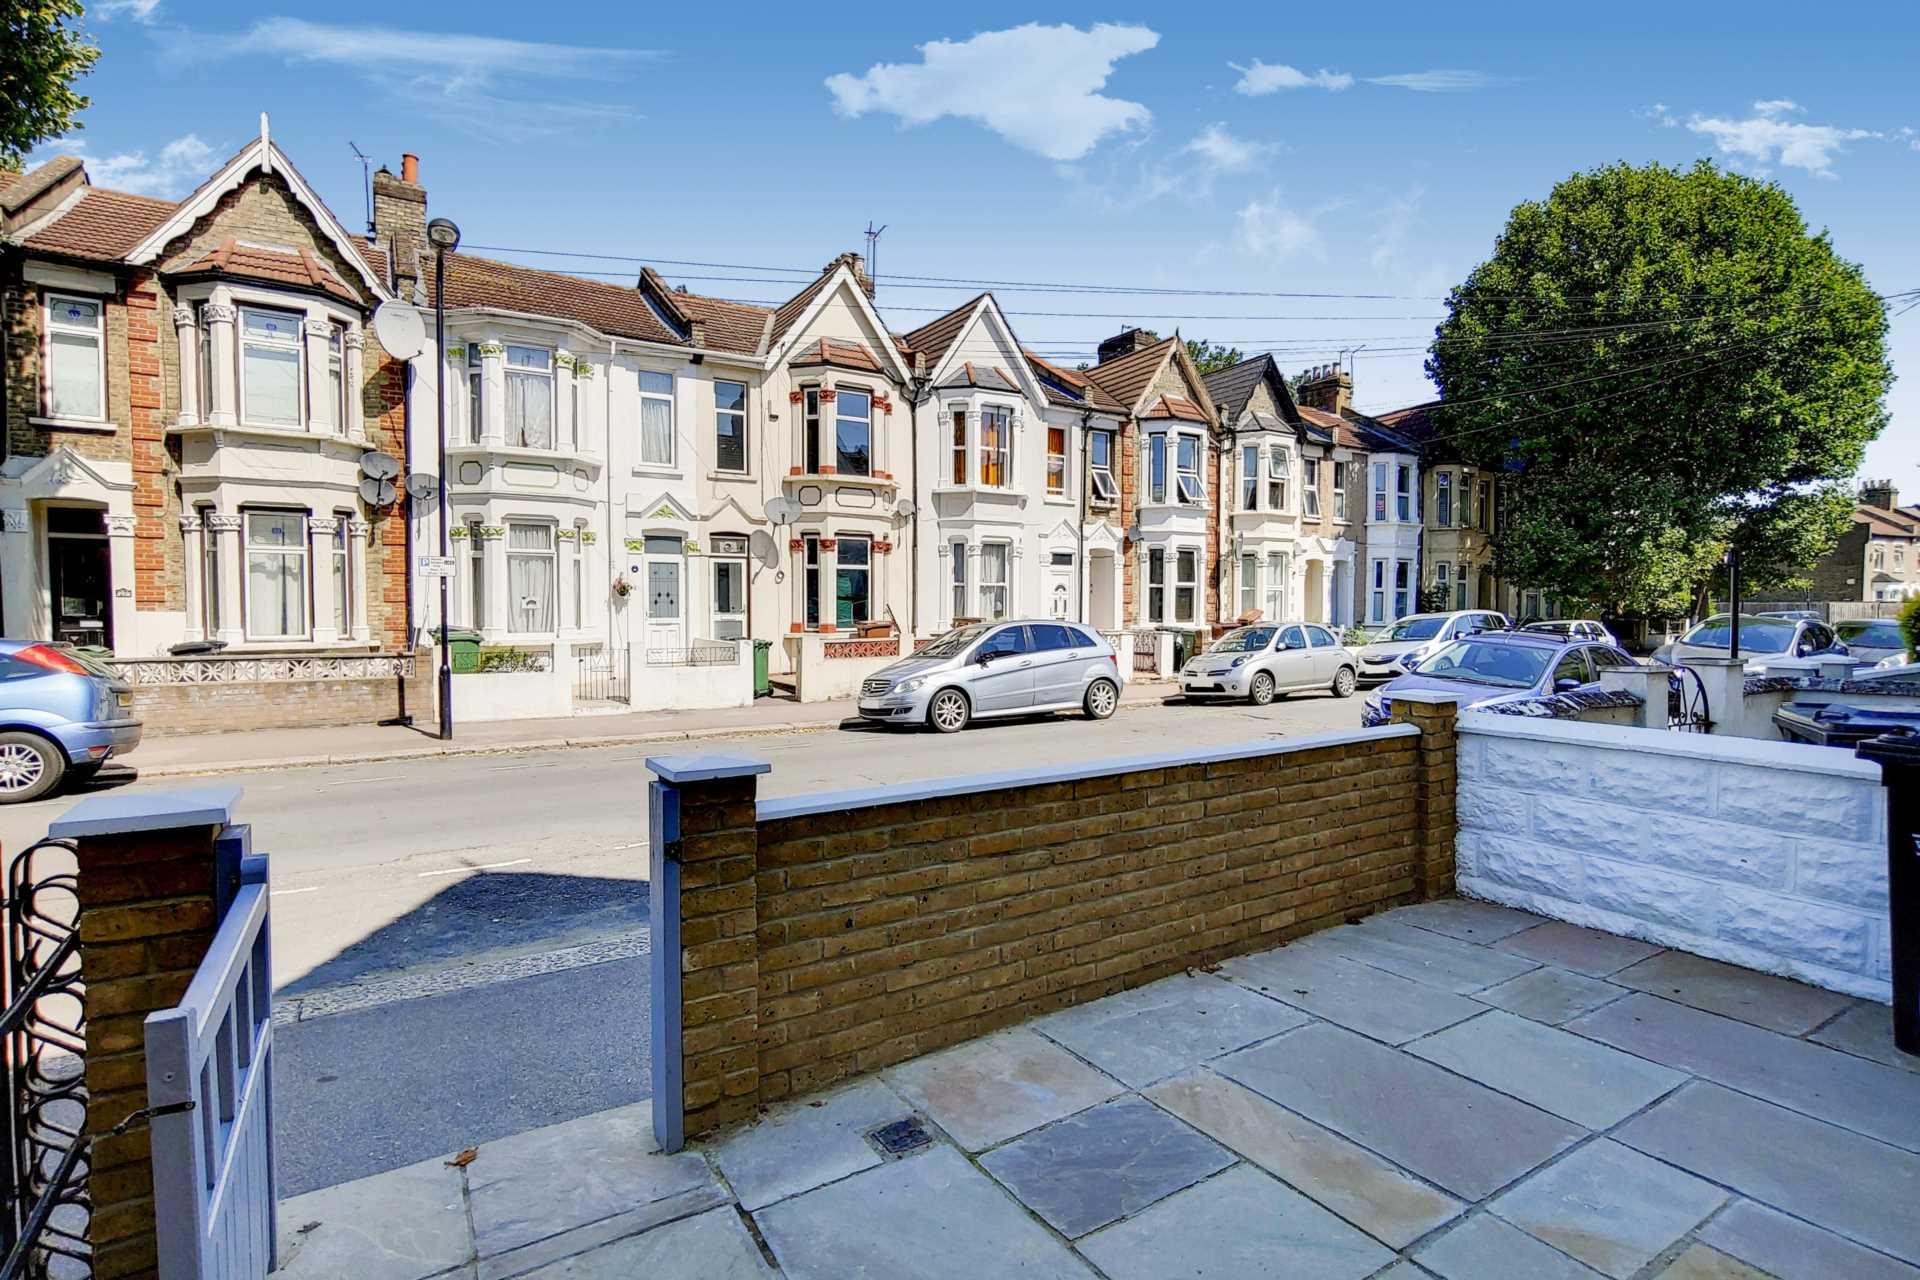 Calderon Road, Leytonstone, Image 20